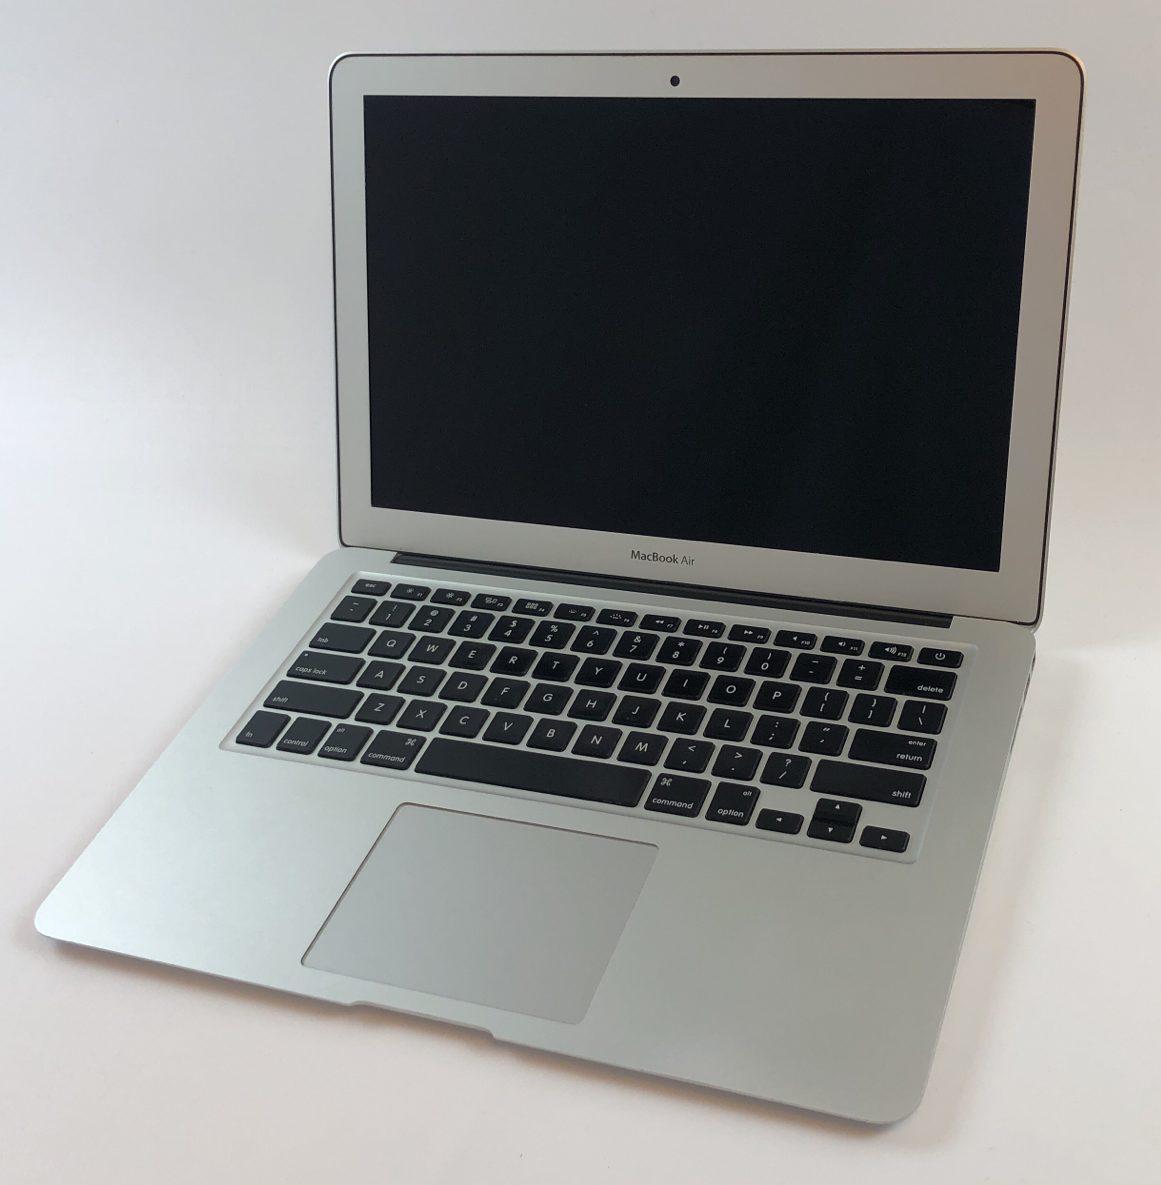 """MacBook Air 13"""" Mid 2013 (Intel Core i7 1.7 GHz 8 GB RAM 256 GB SSD), Intel Core i7 1.7 GHz, 8 GB RAM, 256 GB SSD, image 1"""